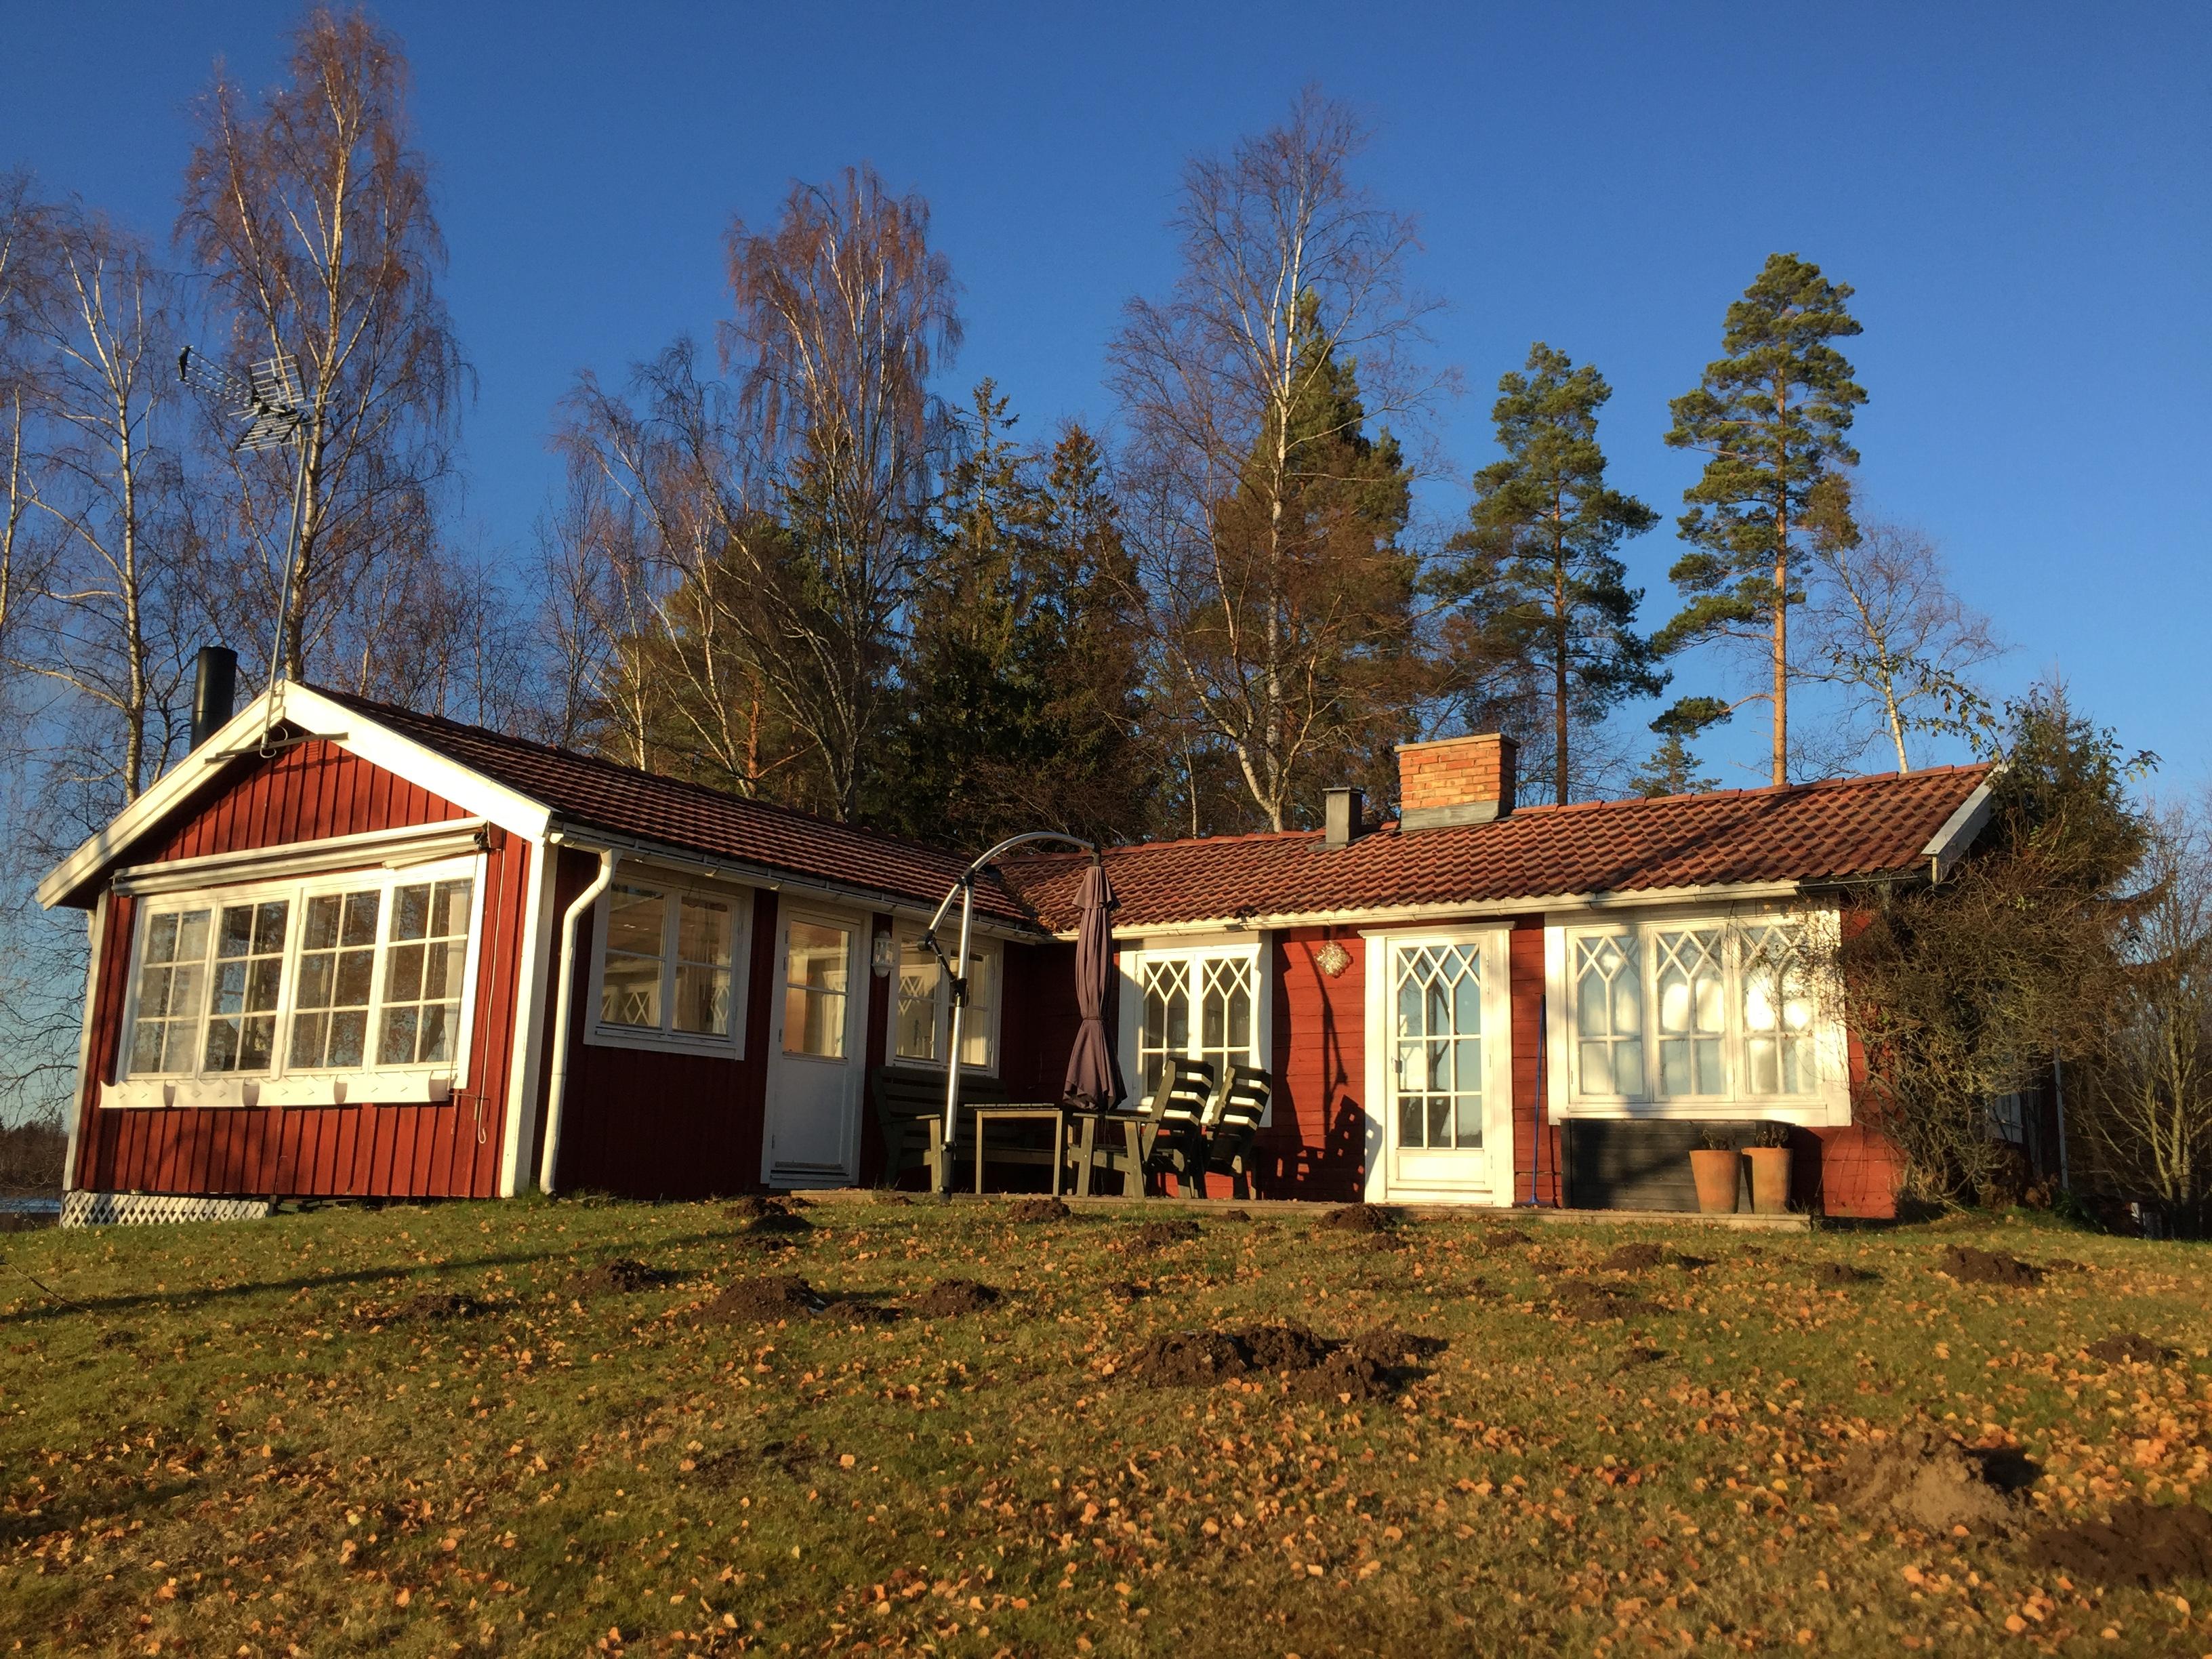 Ferienhaus Möckleryd - Außenansicht